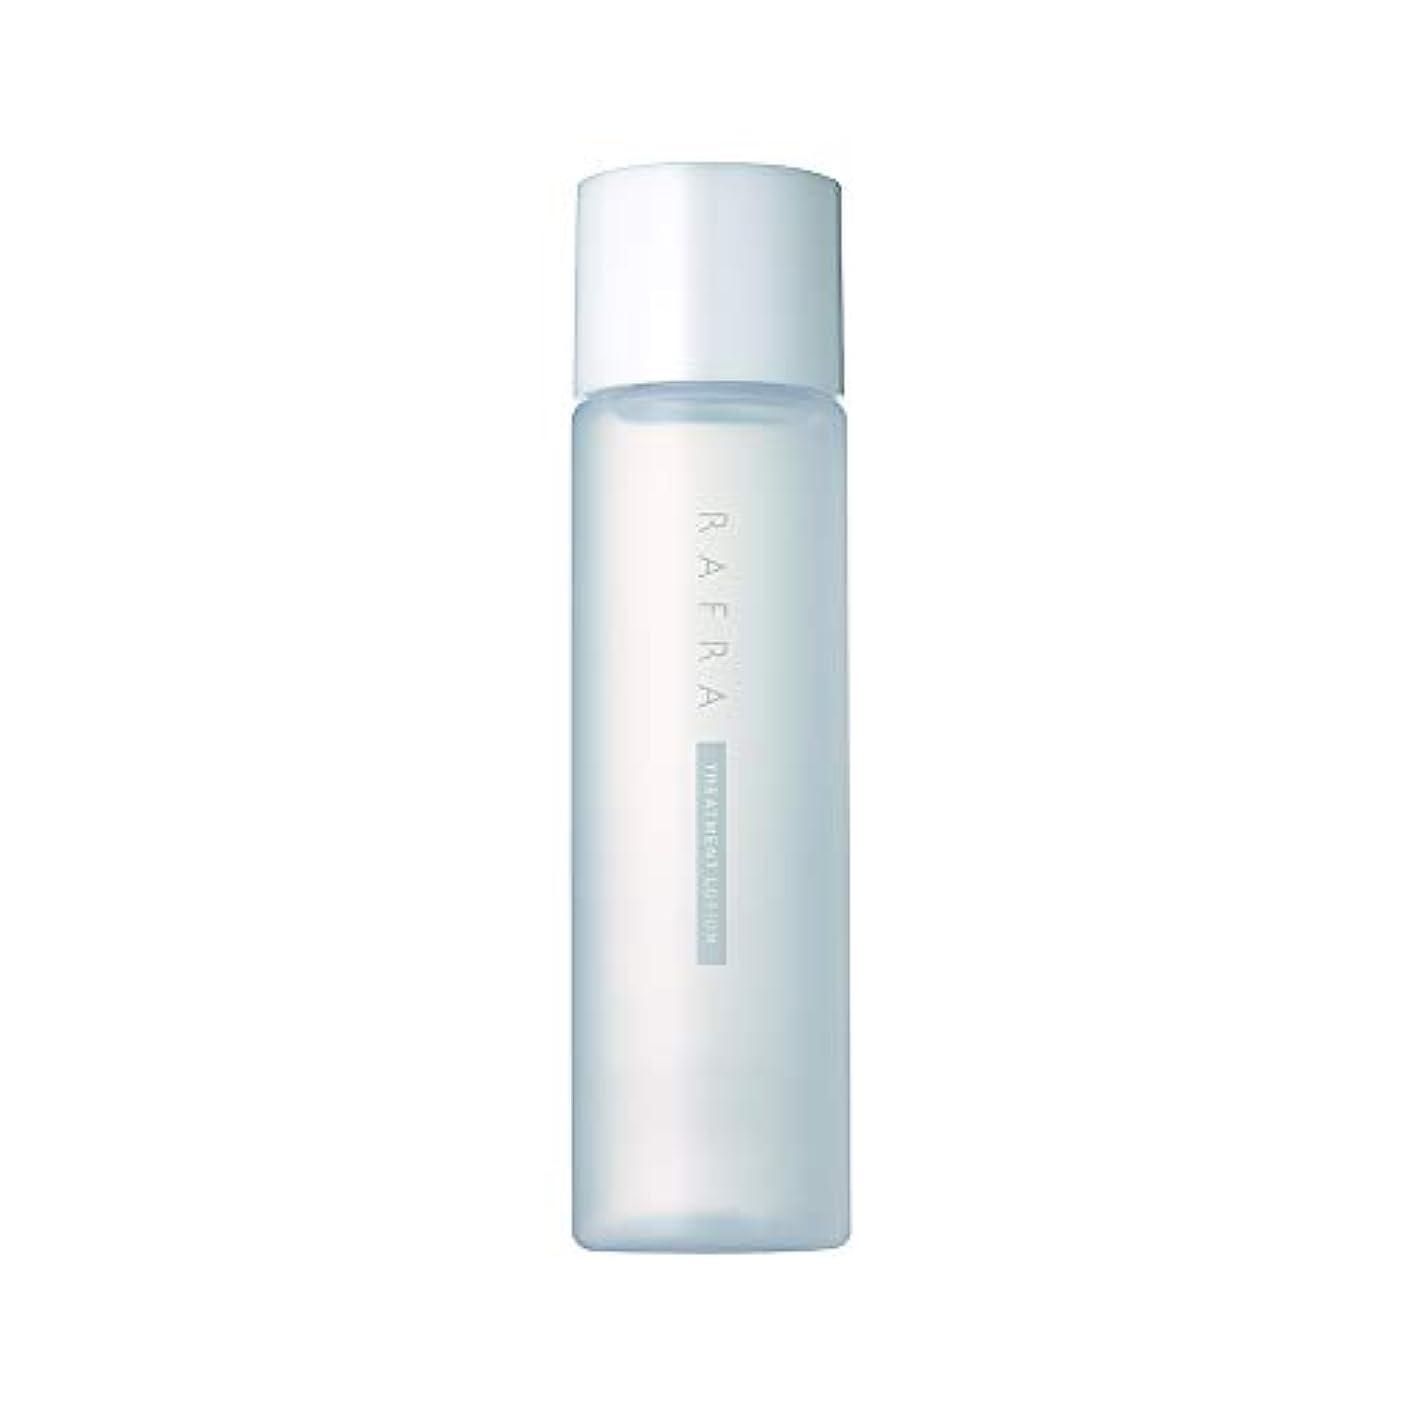 不適切なヒゲ阻害するラフラ トリートメントローション 150ml 化粧水 ブースター 導入液